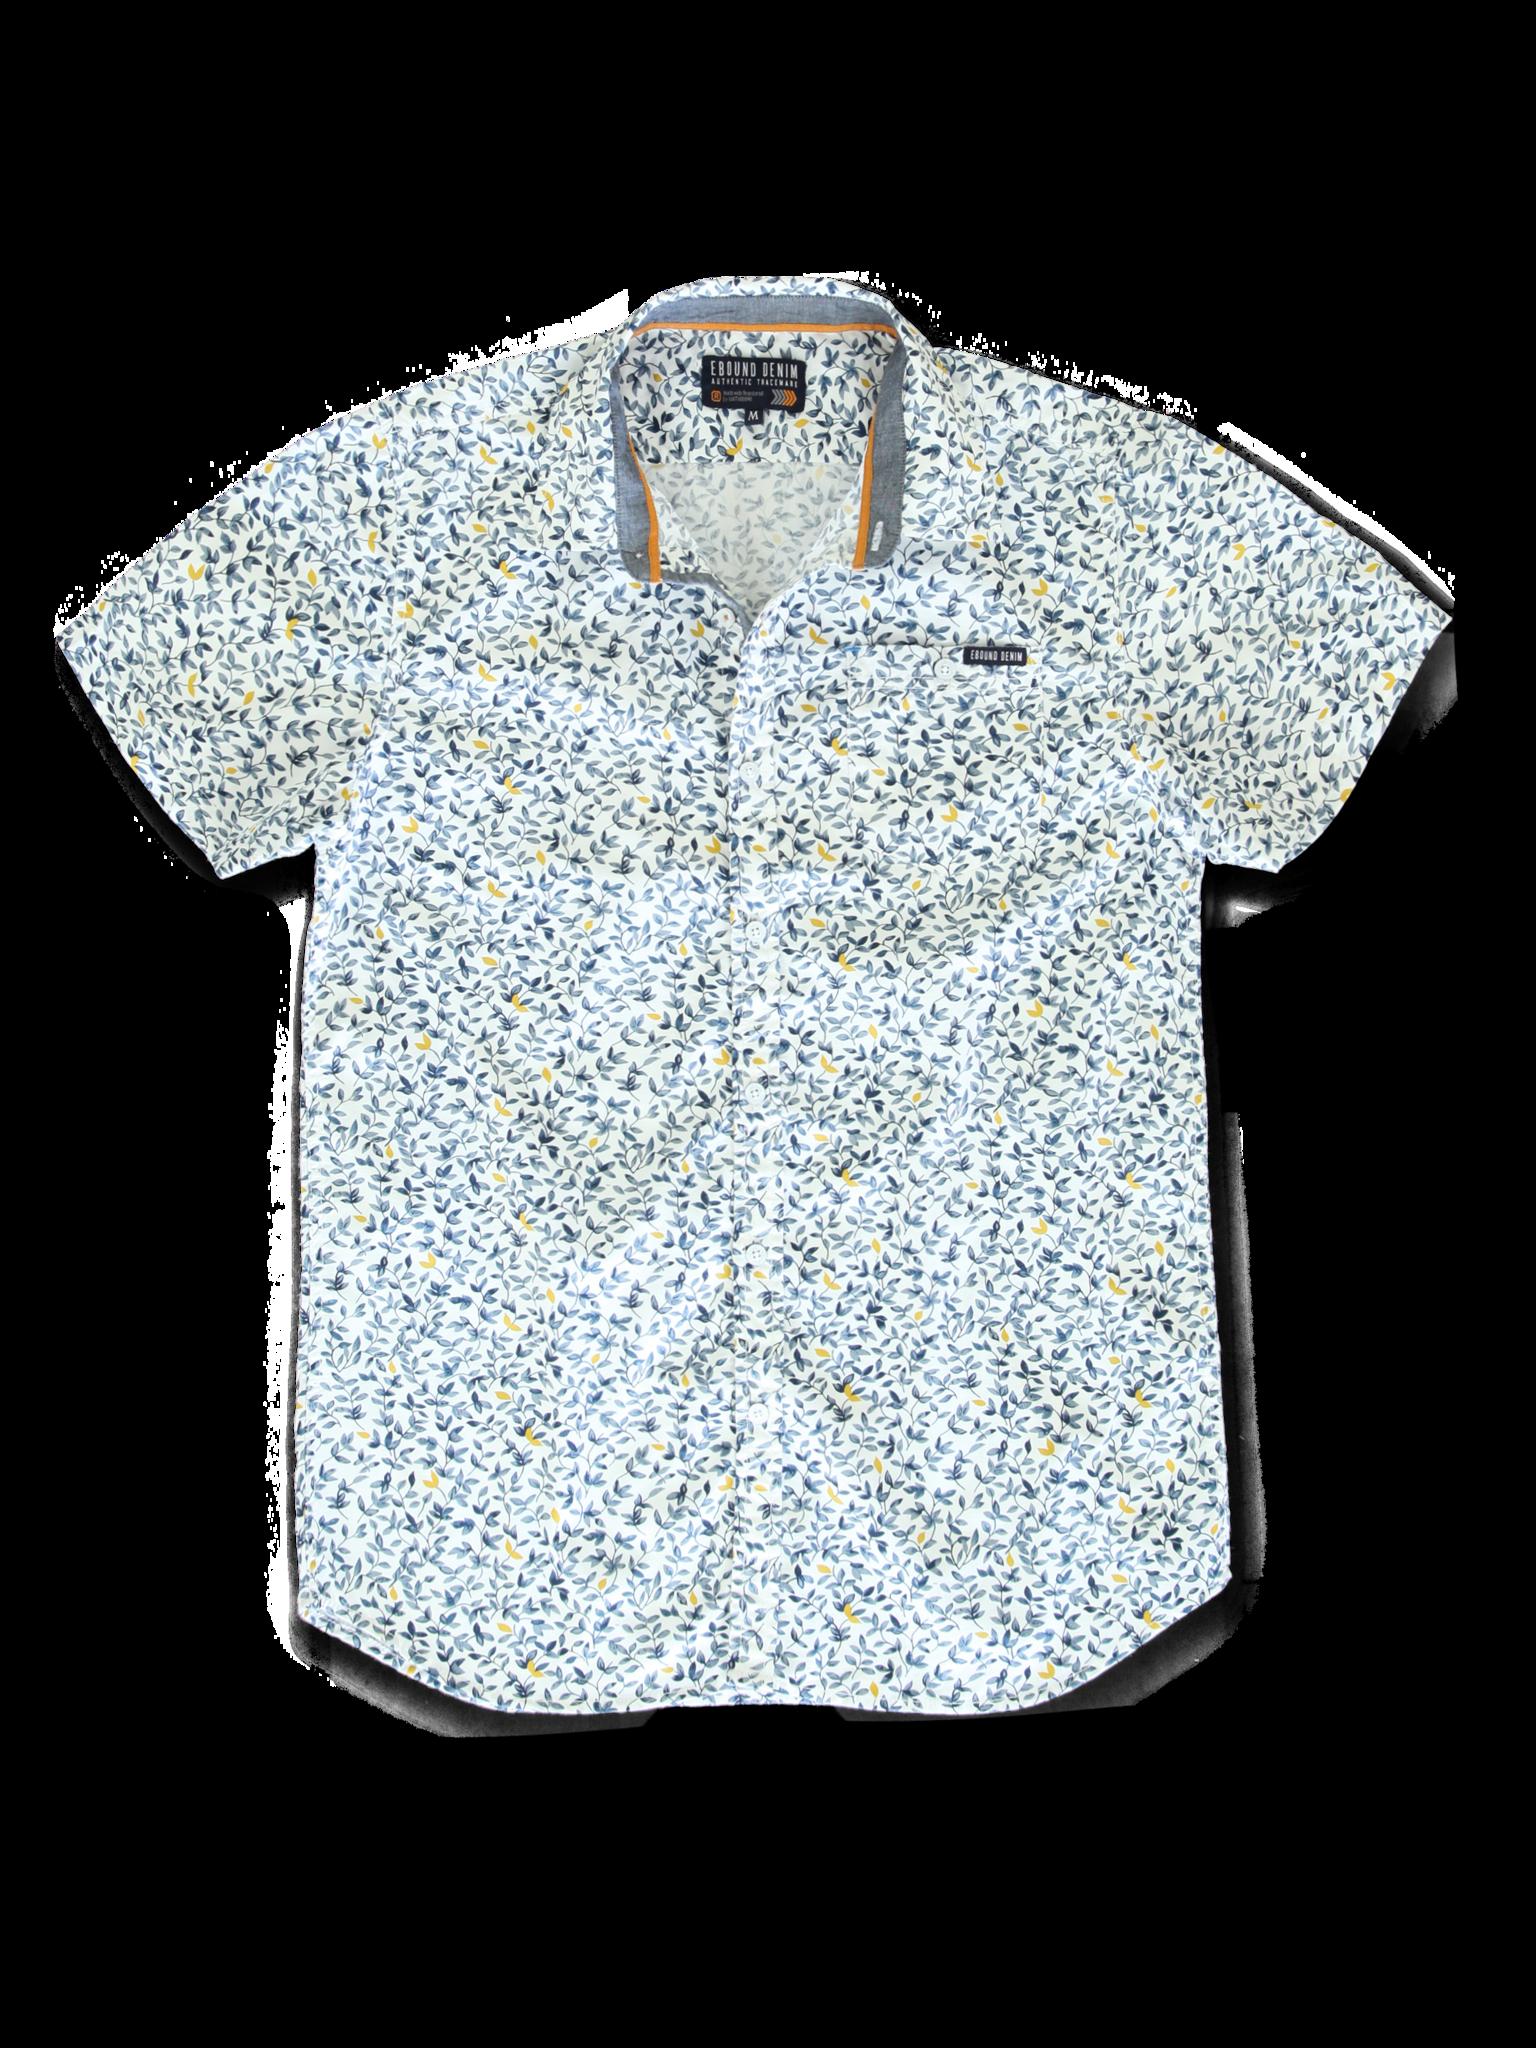 Ebound | Summer 2020 Men | Shirt | 18 pcs/box